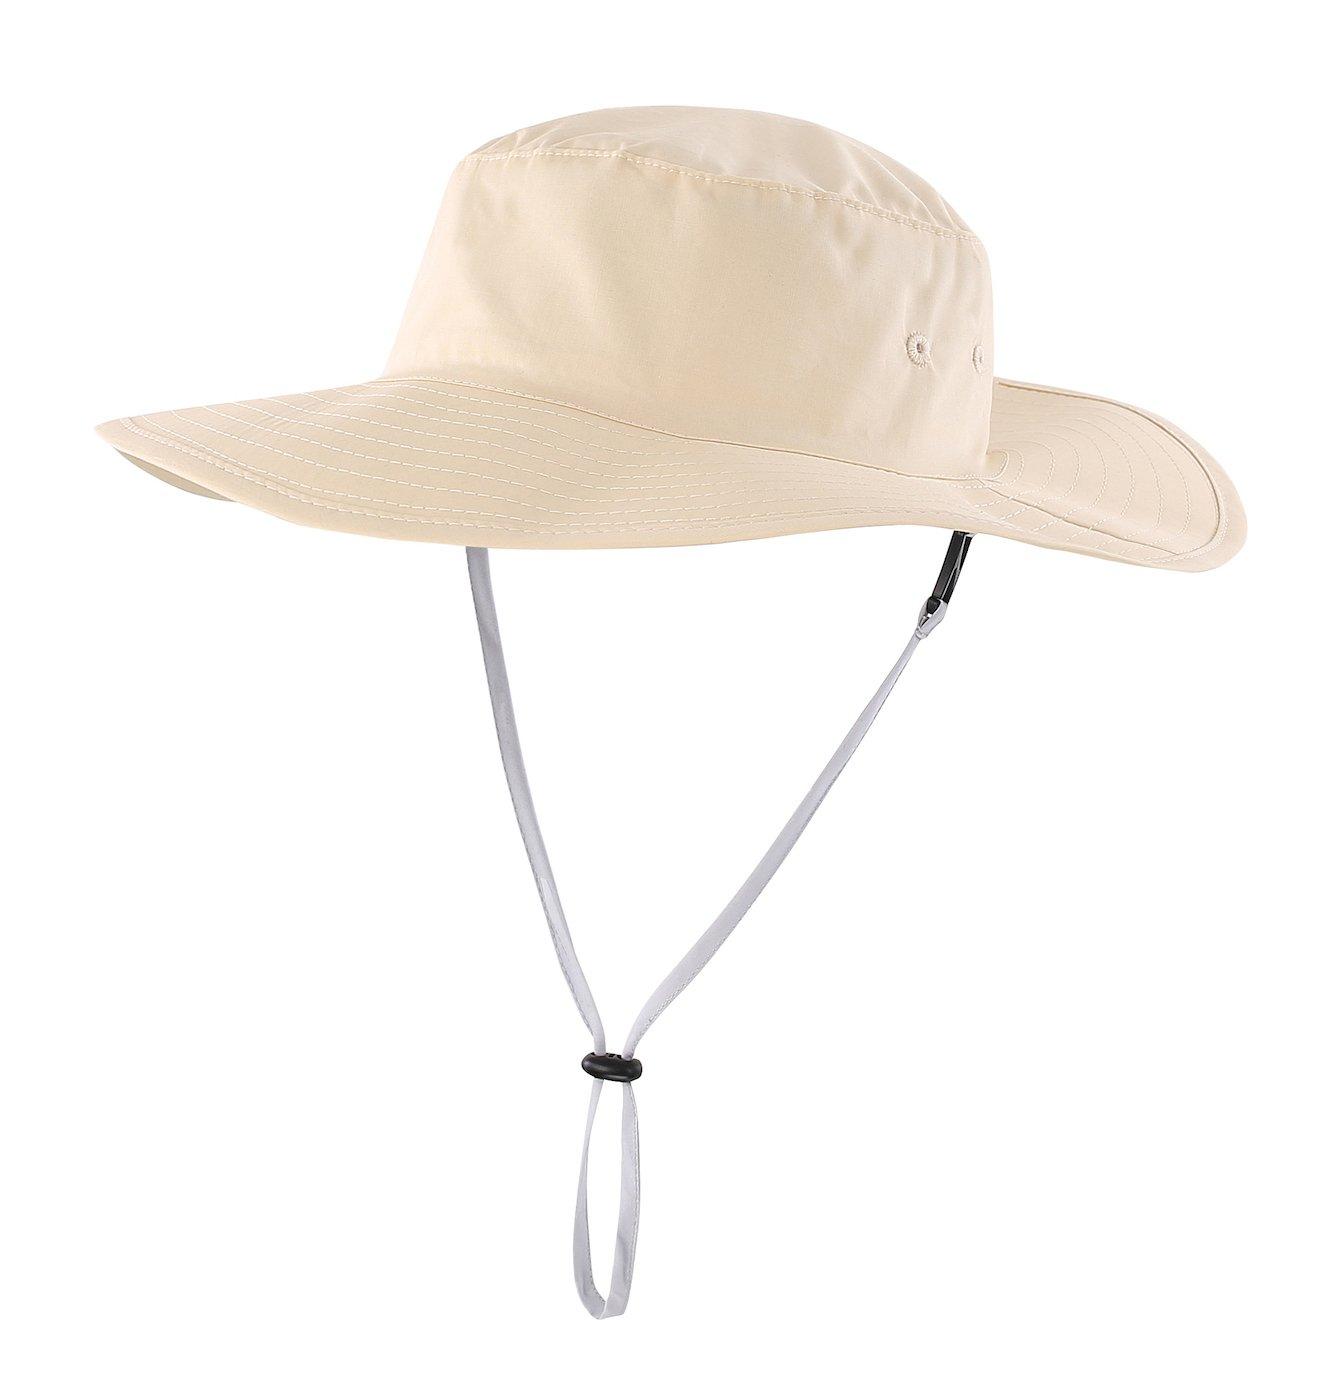 Home Prefer Kids Safari Sun Hat UPF 50+ Wide Brim Bucket Hat Boonie Hat with Chin Cord Beige